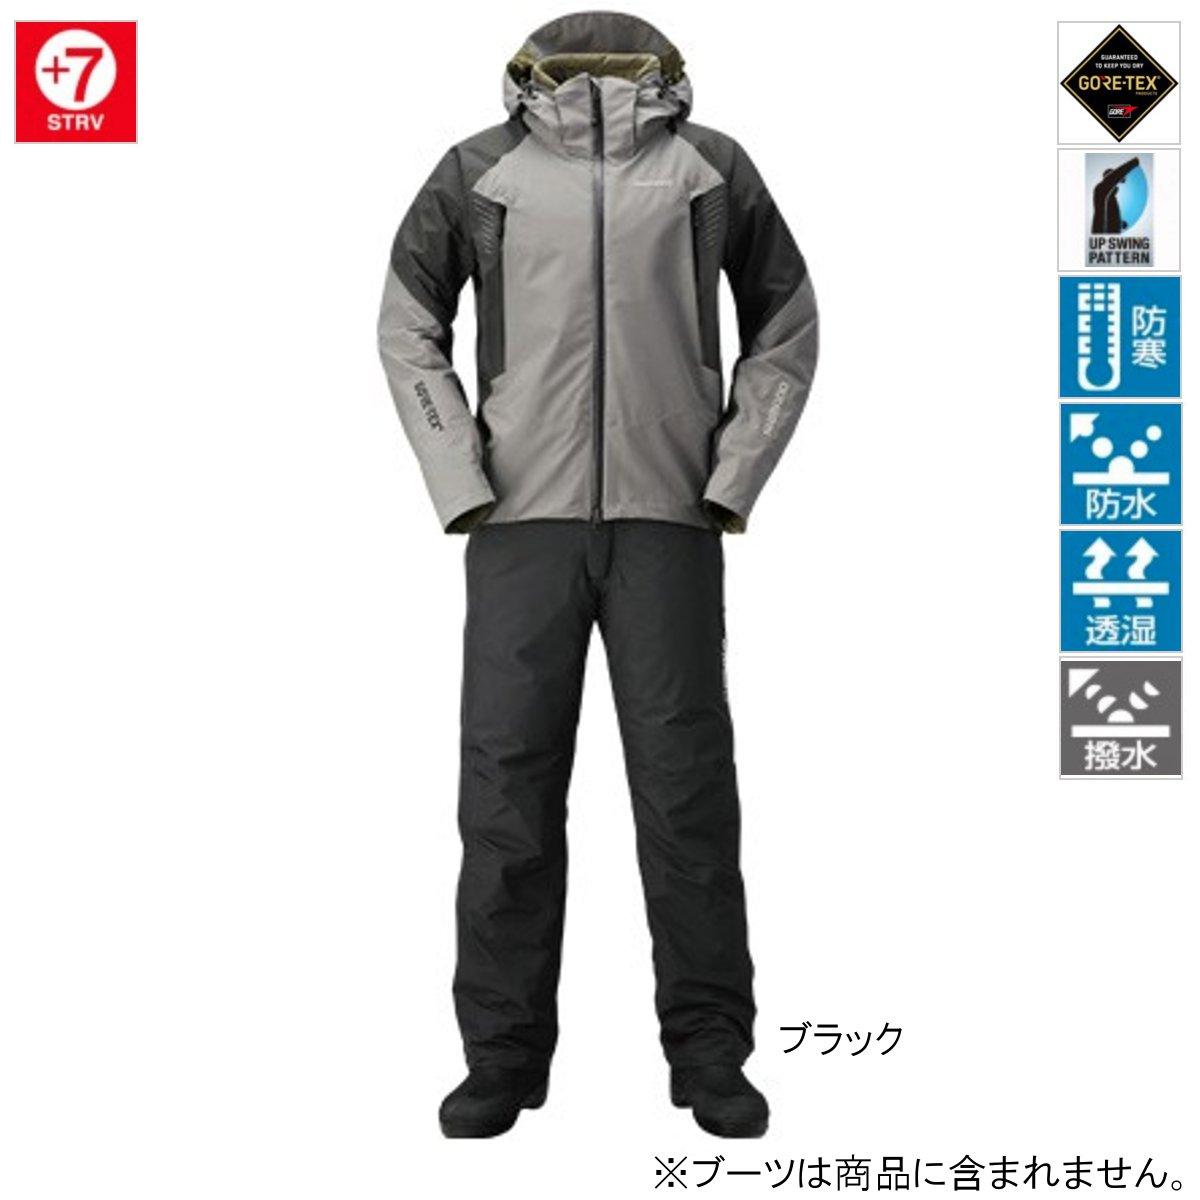 シマノ GORE-TEX ベーシックウォームスーツ RB-017R L ブラック(東日本店)